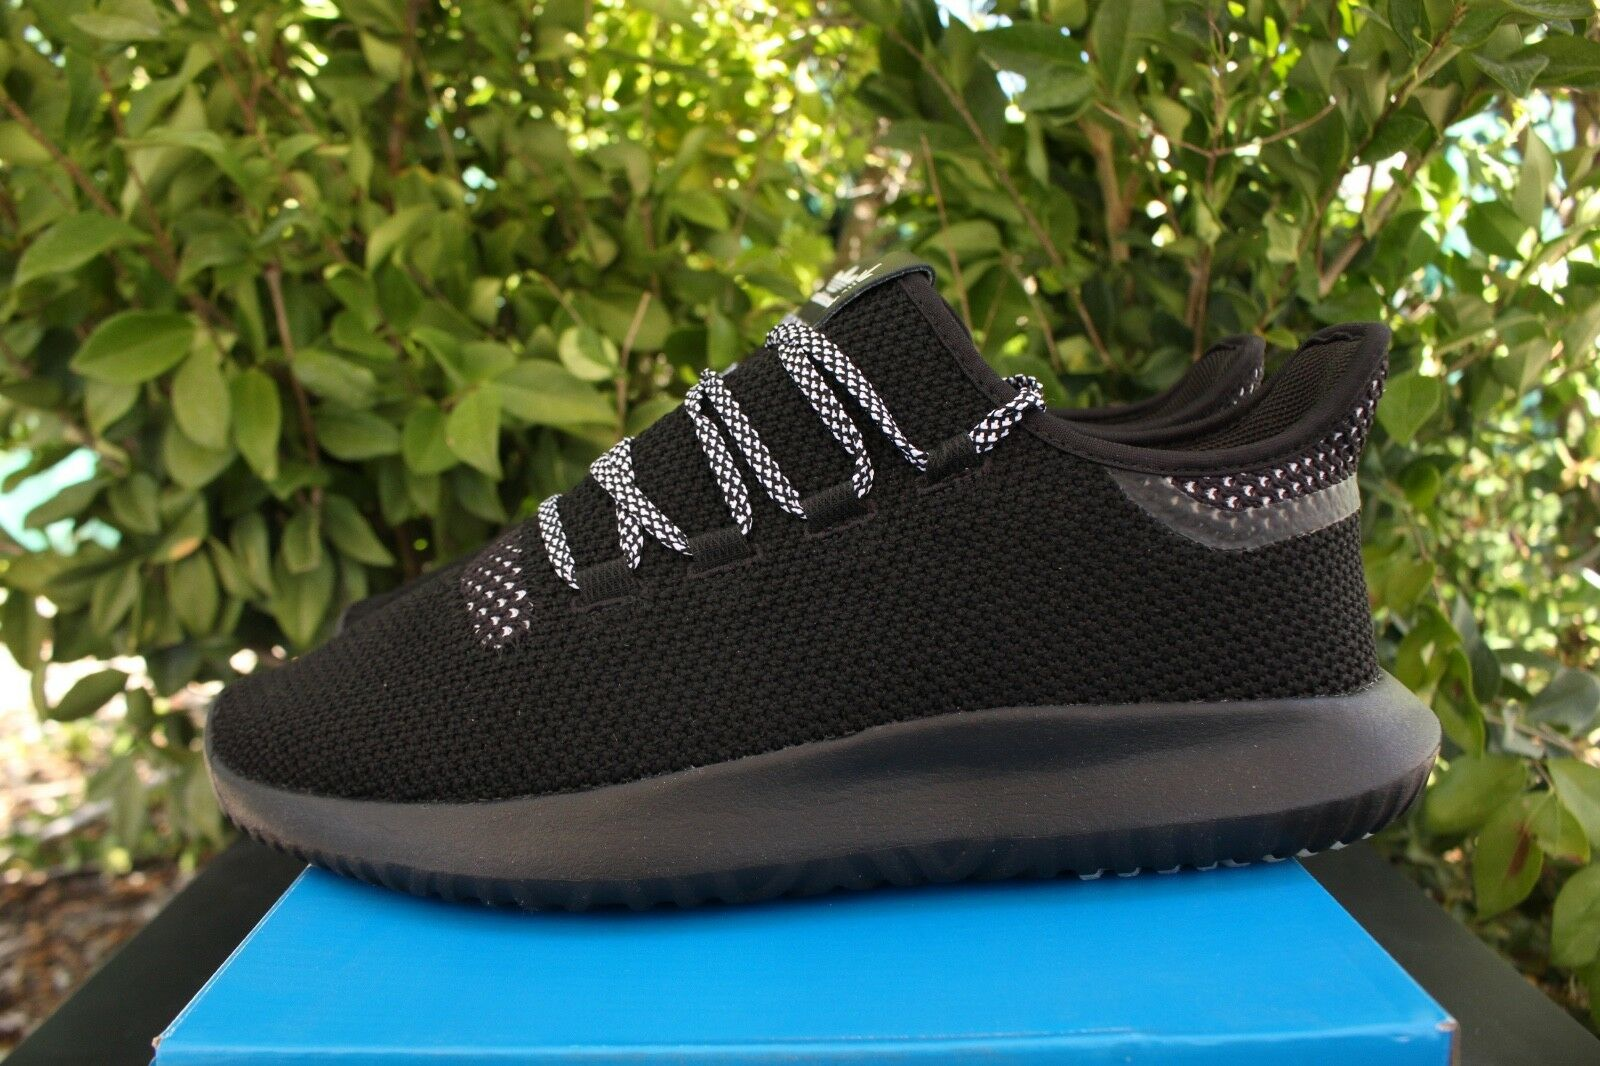 Adidas originals tubuläre schatten ck sz 9,5 kern schwarz - cq0930 weiß - cq0930 - 3f945a